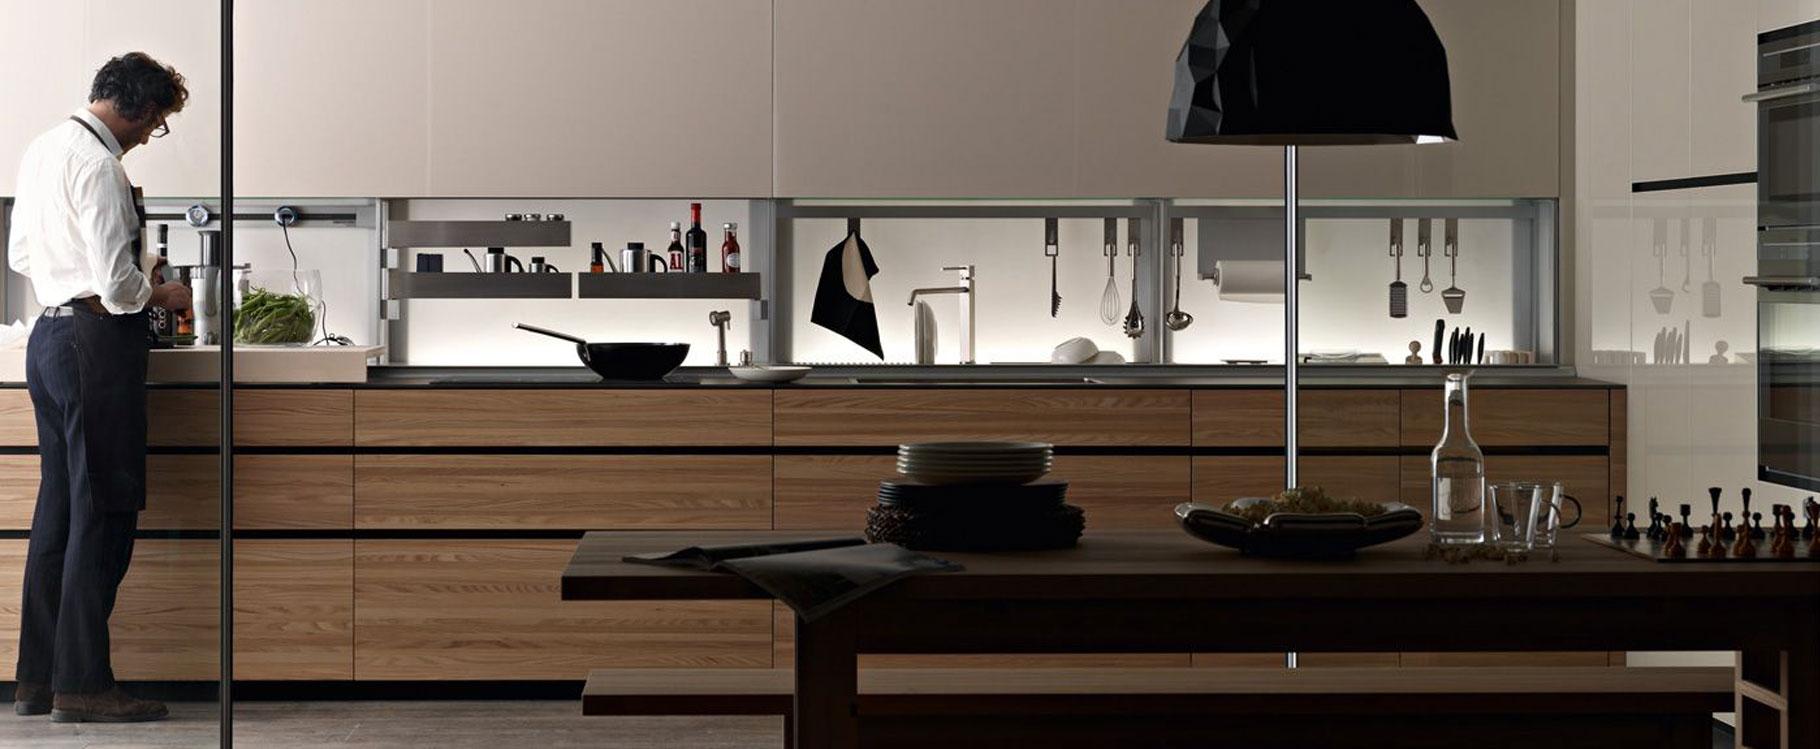 cucina vetro como, rivenditori cucine vetro como - Cucine Como